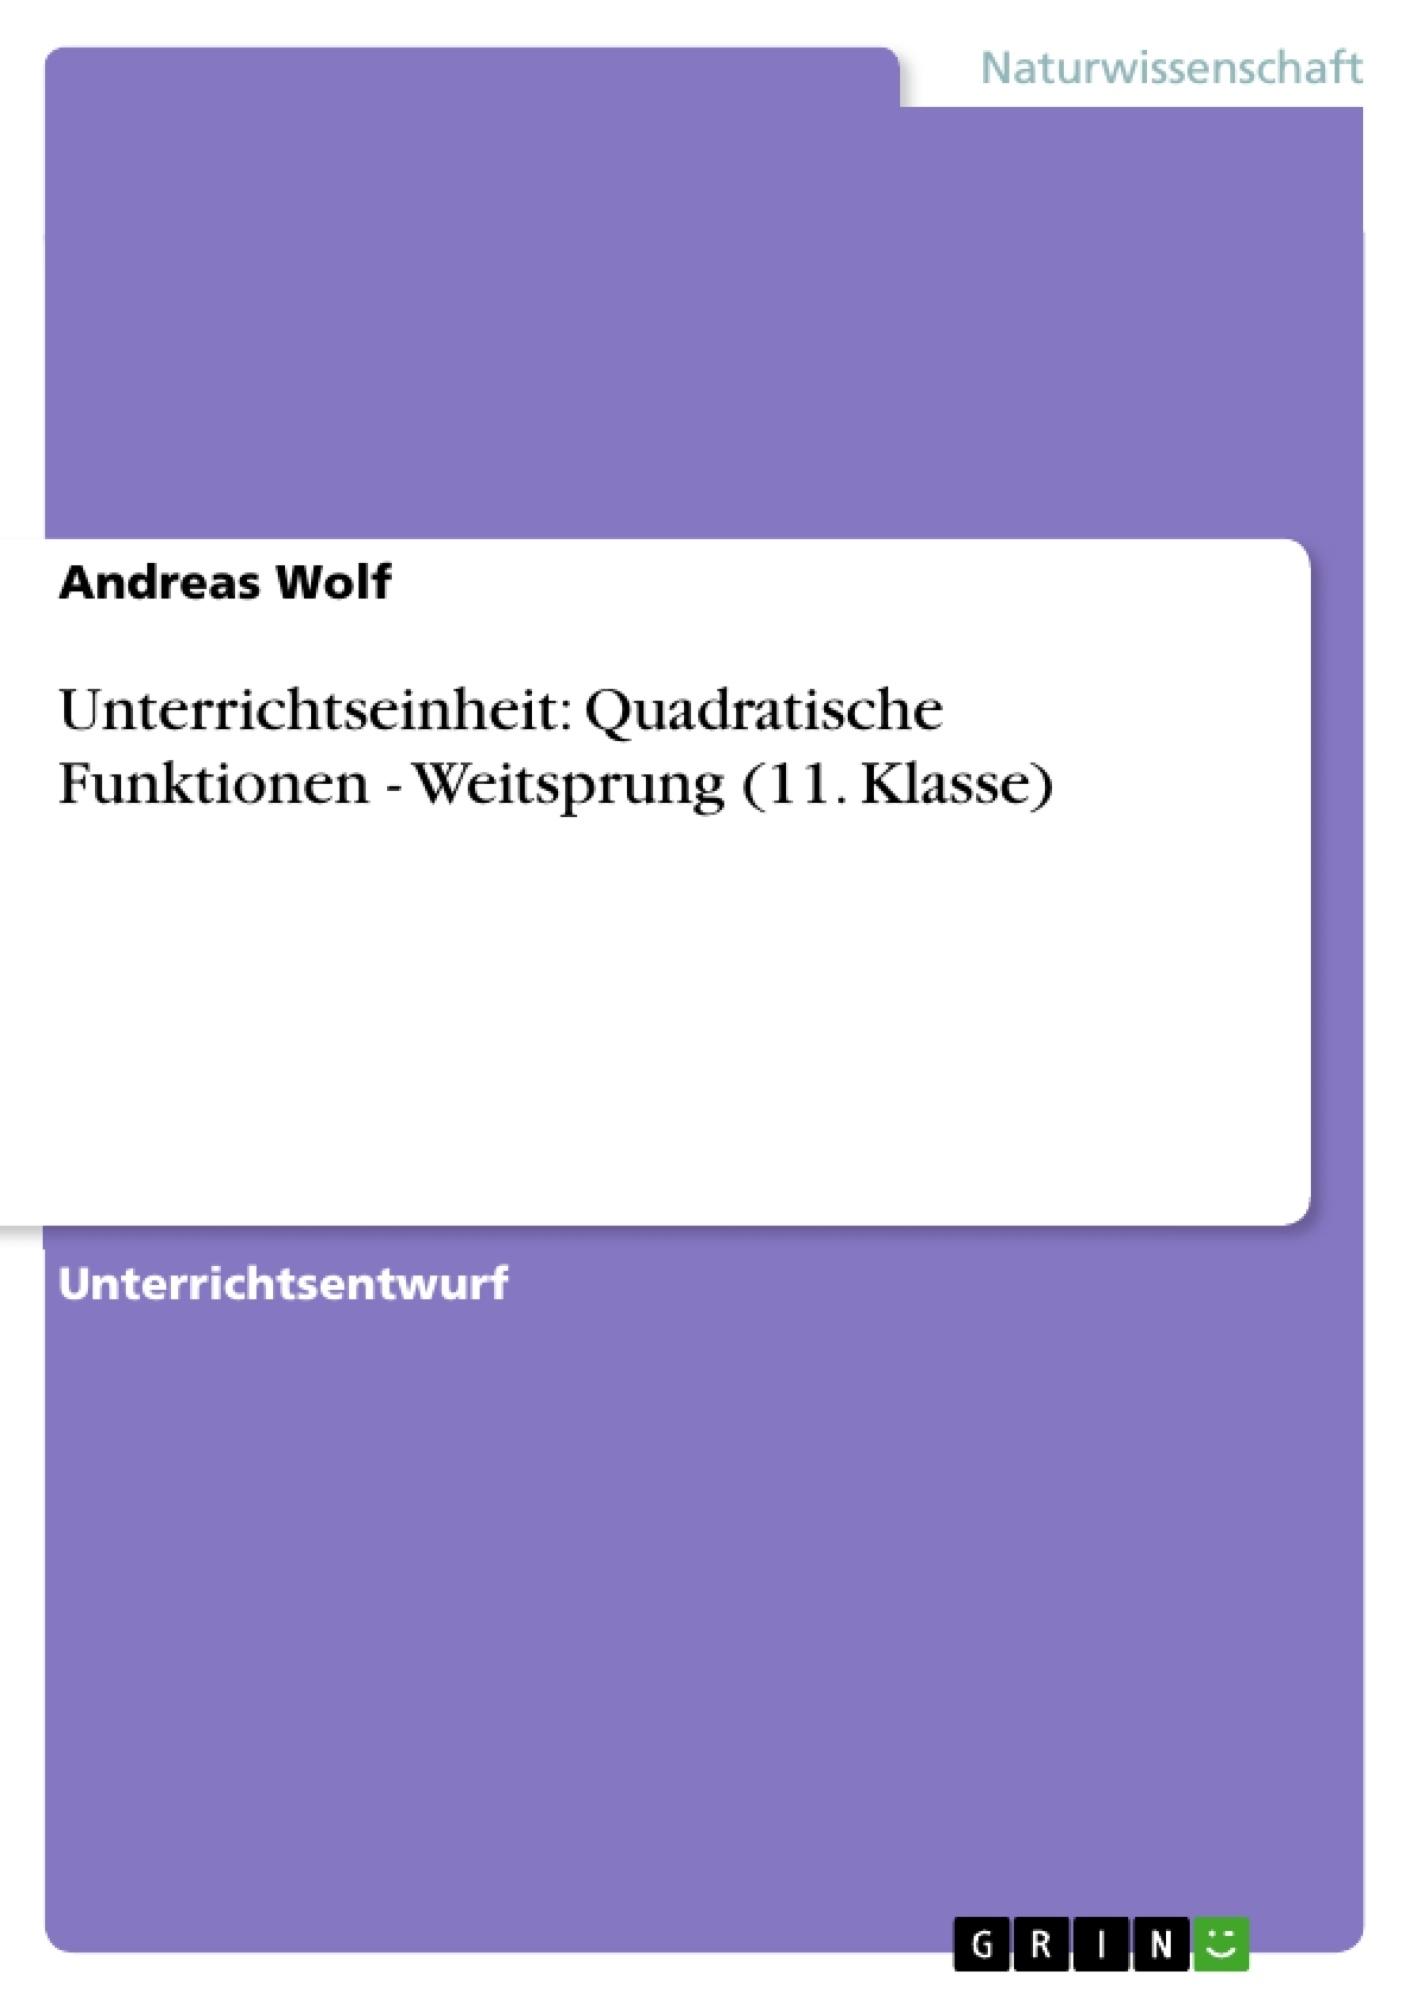 Titel: Unterrichtseinheit: Quadratische Funktionen - Weitsprung (11. Klasse)